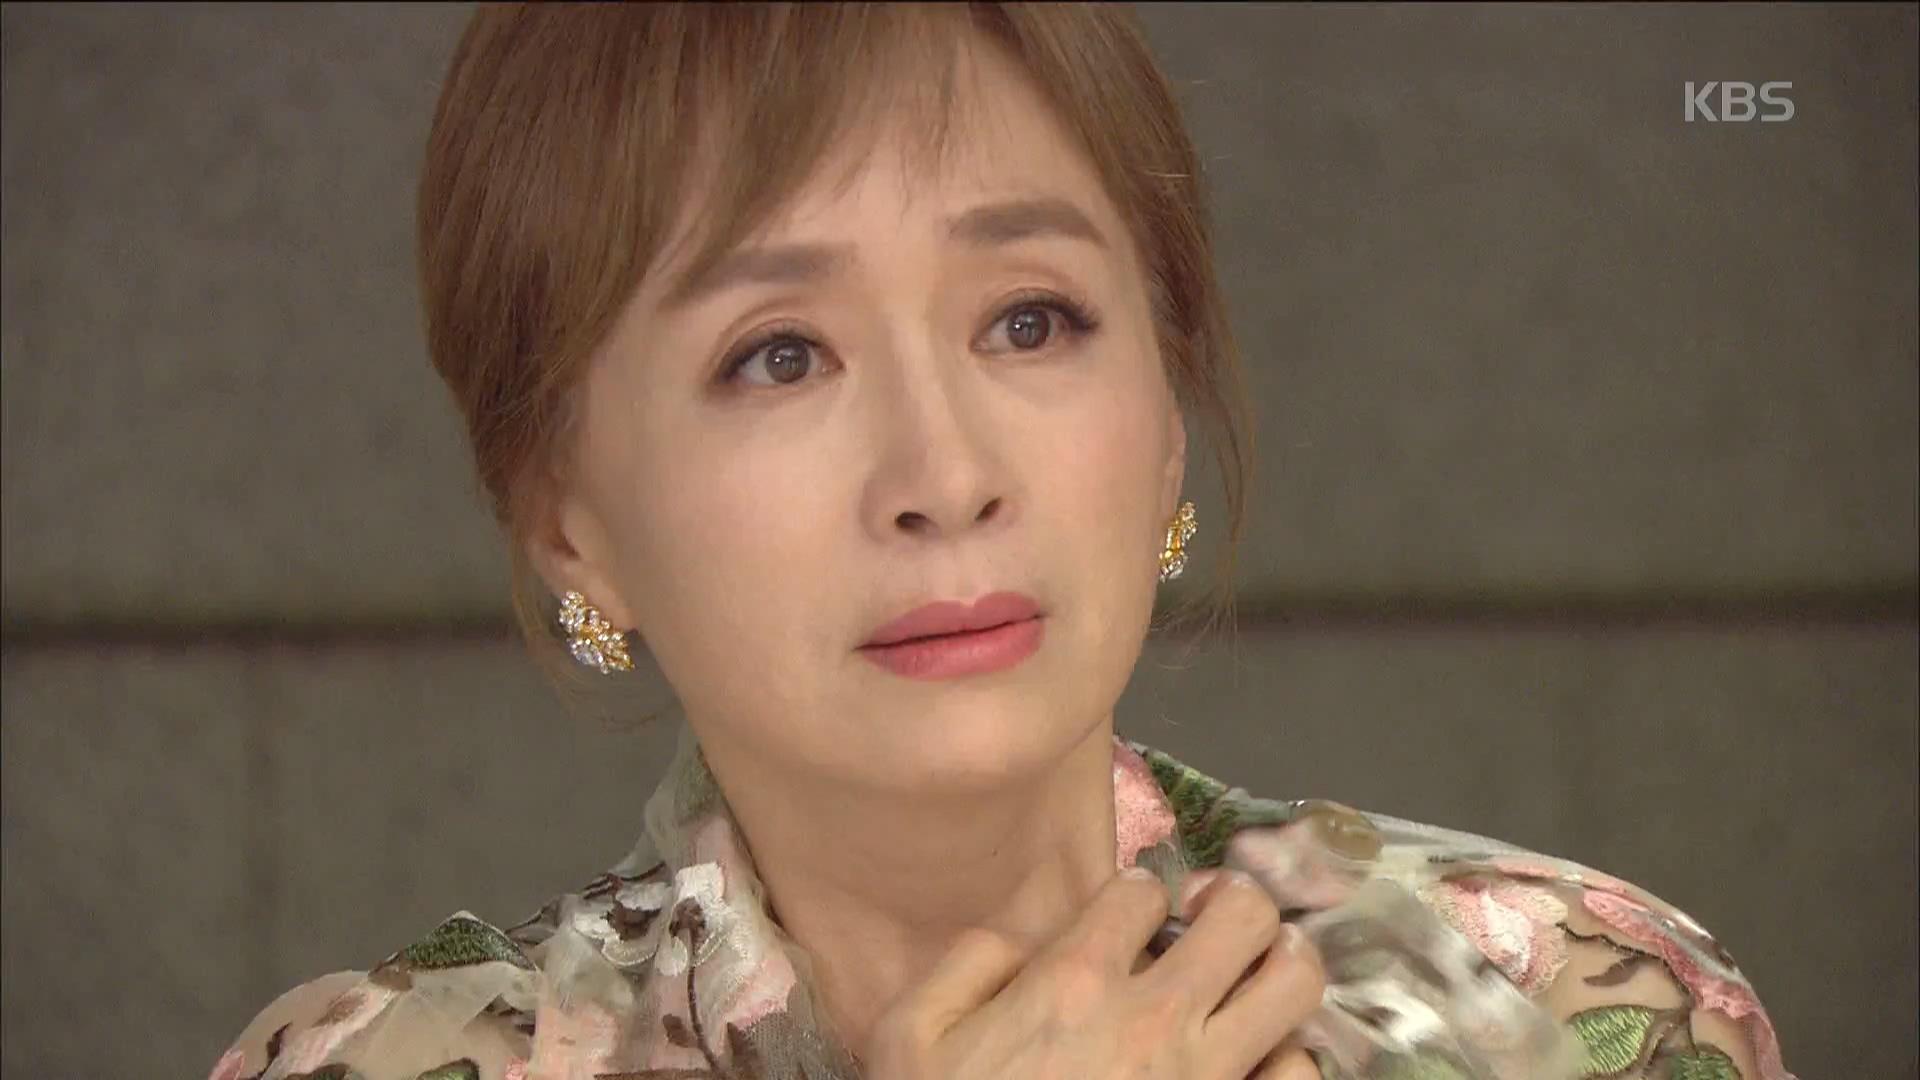 박해미, 고인범 만나러 회사 찾아갔다가 전인택 발견하고 심란.